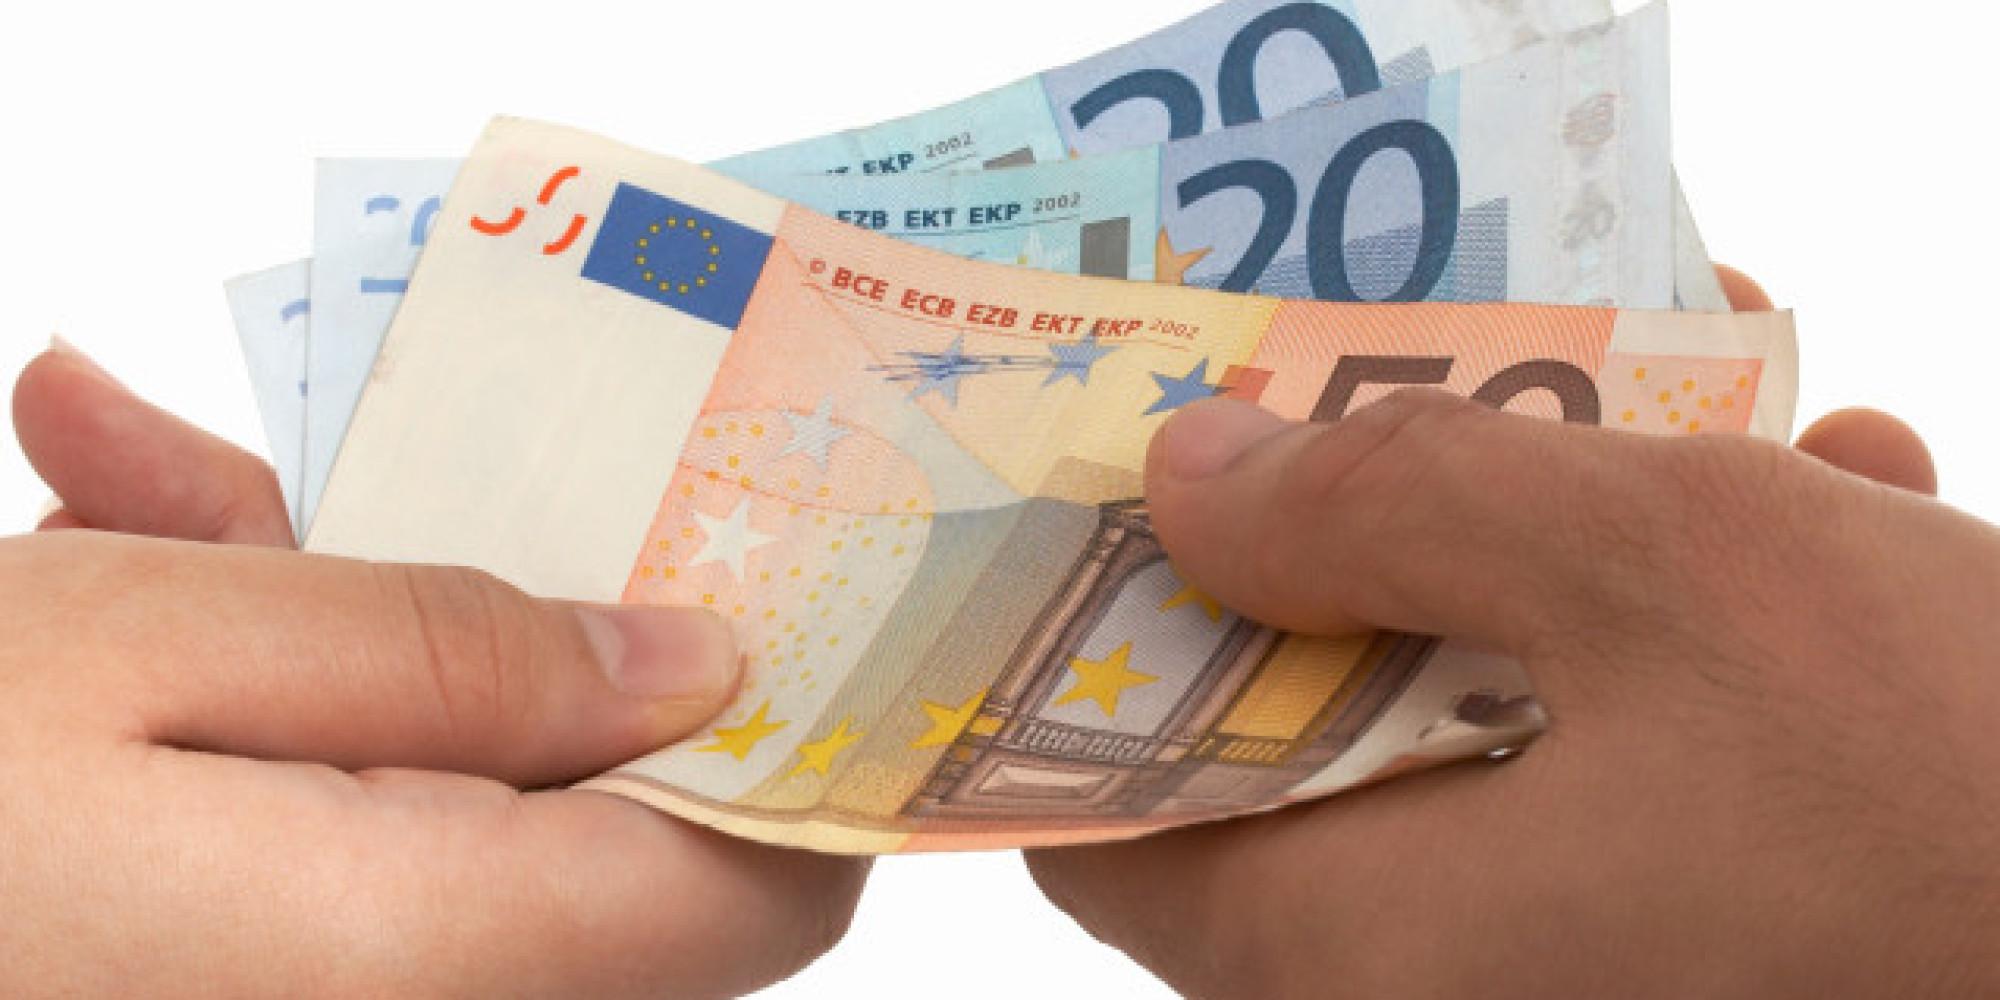 Nell\'autotrasporto torna il contante, almeno fino a 3.000 euro - Truck24